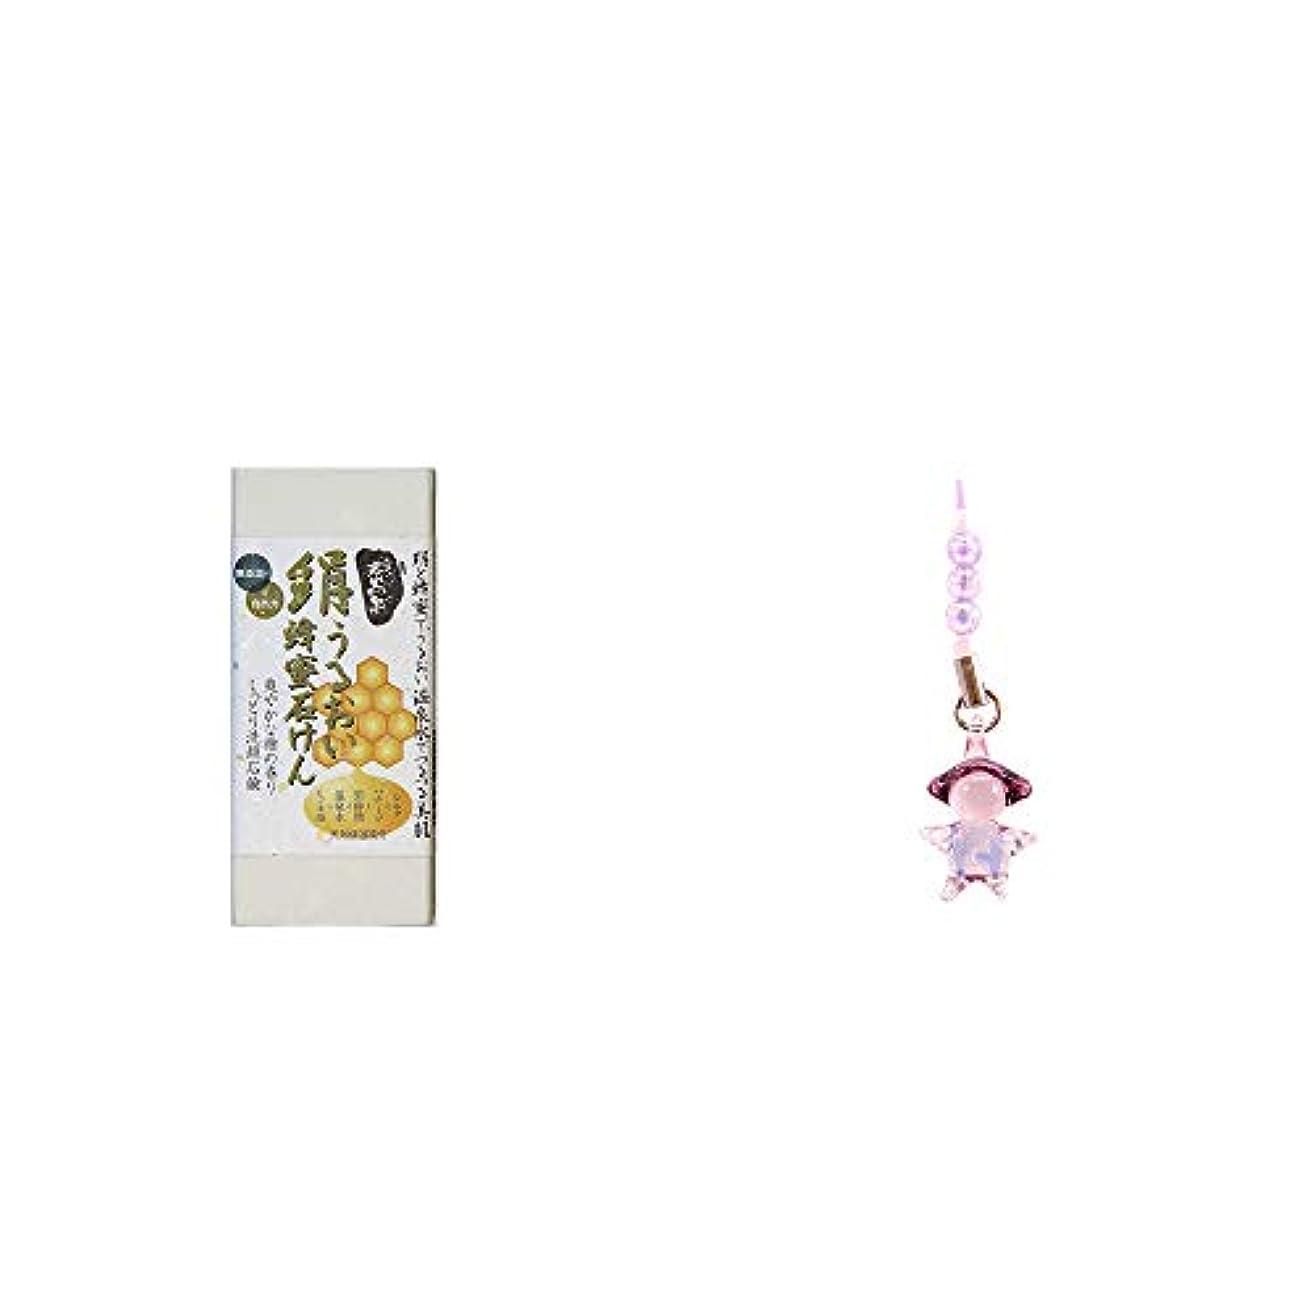 期待するリラックス艶[2点セット] ひのき炭黒泉 絹うるおい蜂蜜石けん(75g×2)?ガラスのさるぼぼ 手作りキーホルダー 【紫】 /出世運?健やかな長寿祈願?トップを目指す?魔除け//